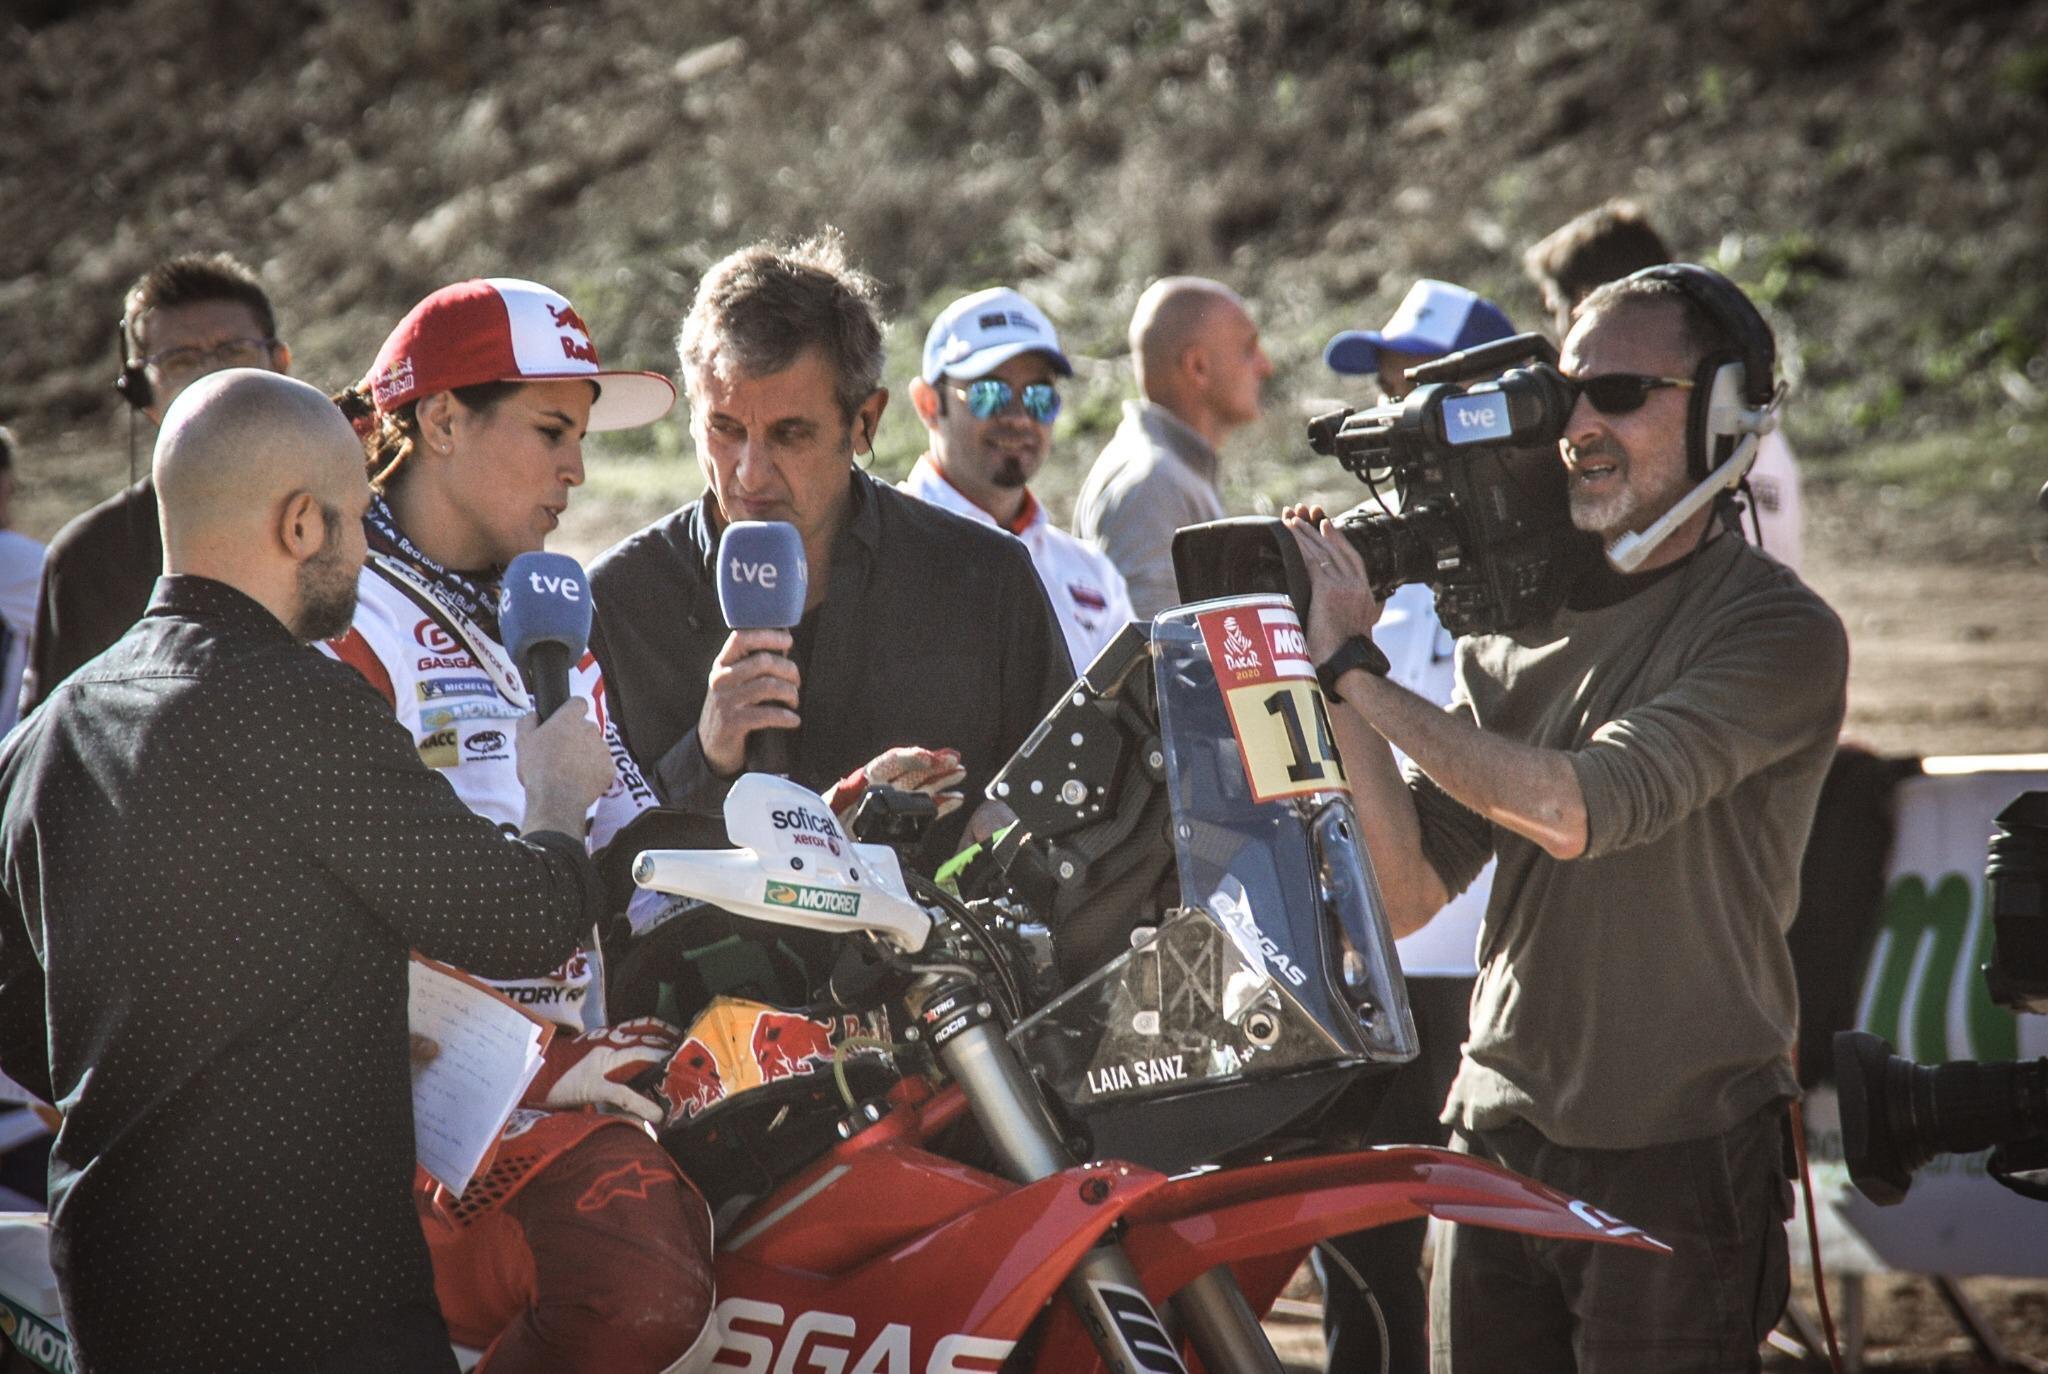 2020 42º Rallye Raid Dakar - Arabia Saudí [5-17 Enero] EKM8q1_XsAISgqZ?format=jpg&name=4096x4096